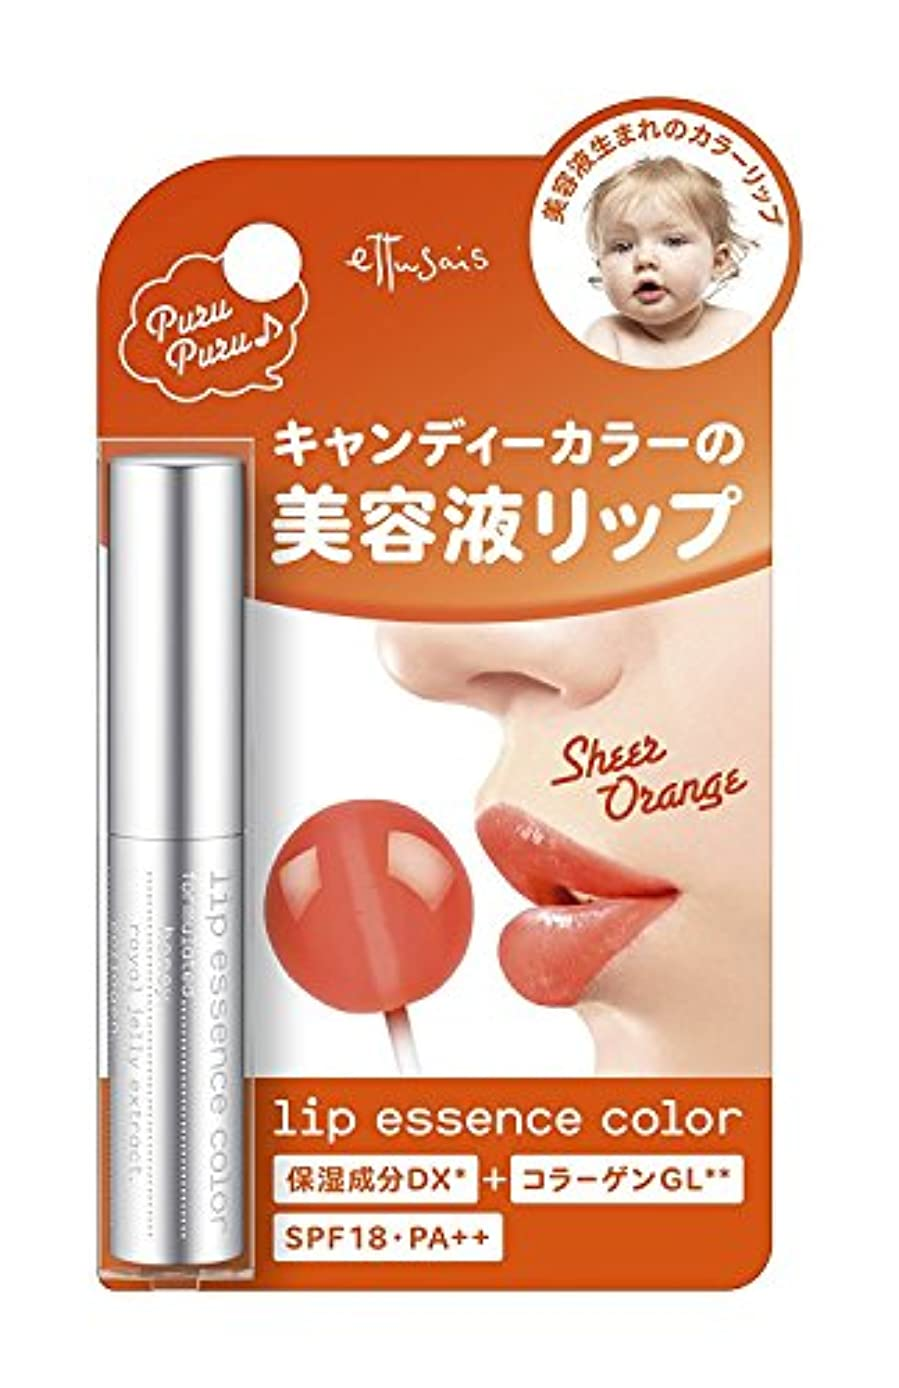 畝間省適格エテュセ リップエッセンスカラー OR(シアーアプリコット) 唇用美容液 SPF18?PA++ 2.2g